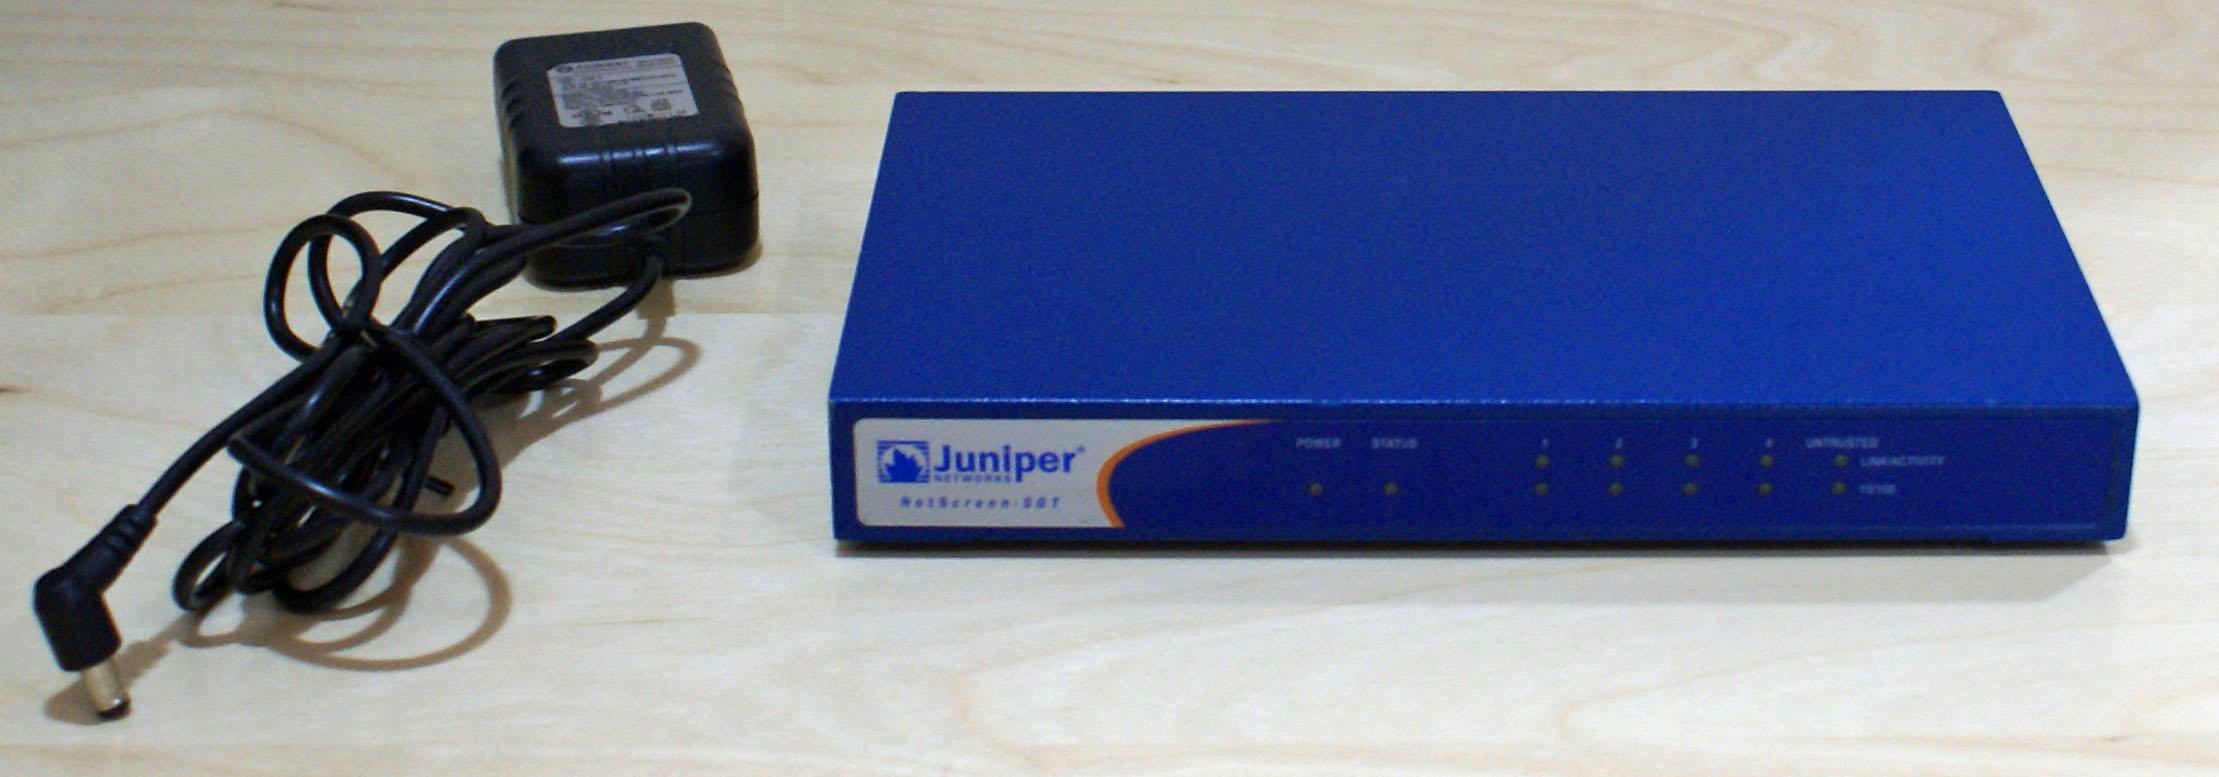 【中古品】NetScreen-5GT Juniper